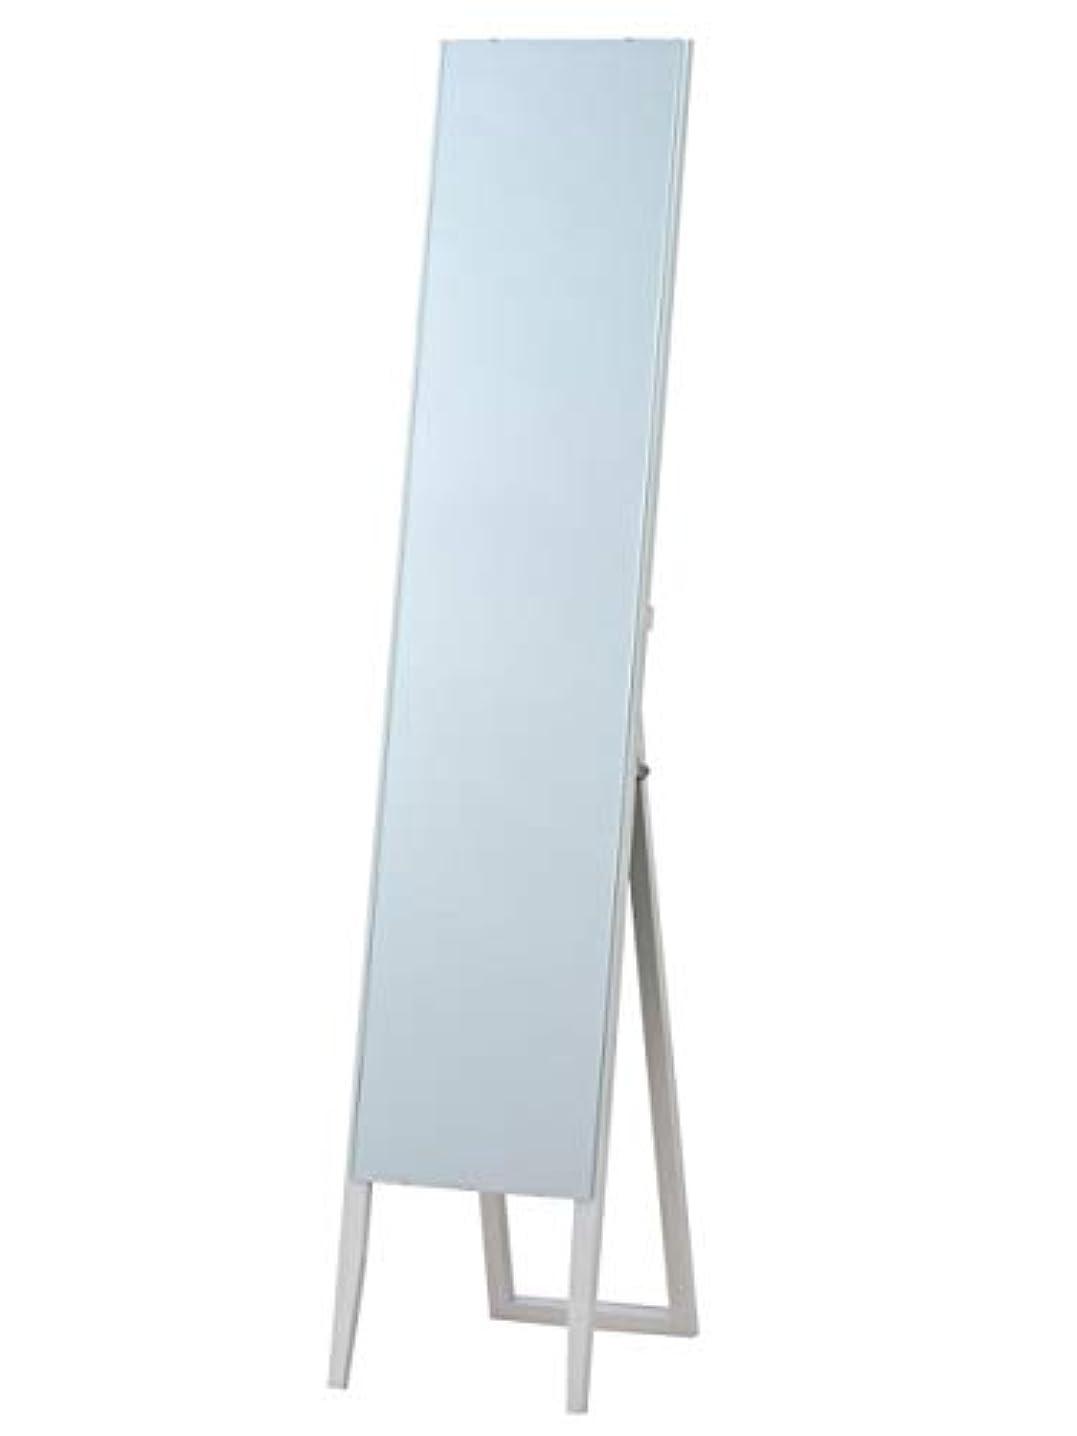 ミリメーター施し滑り台枠なし ノンフレーム スタンドミラー ホワイト(白) 全身鏡 幅30cm x 高さ150cm 飛散防止 シンプル ミラー ショップ 催事 百貨店 店舗 姿見